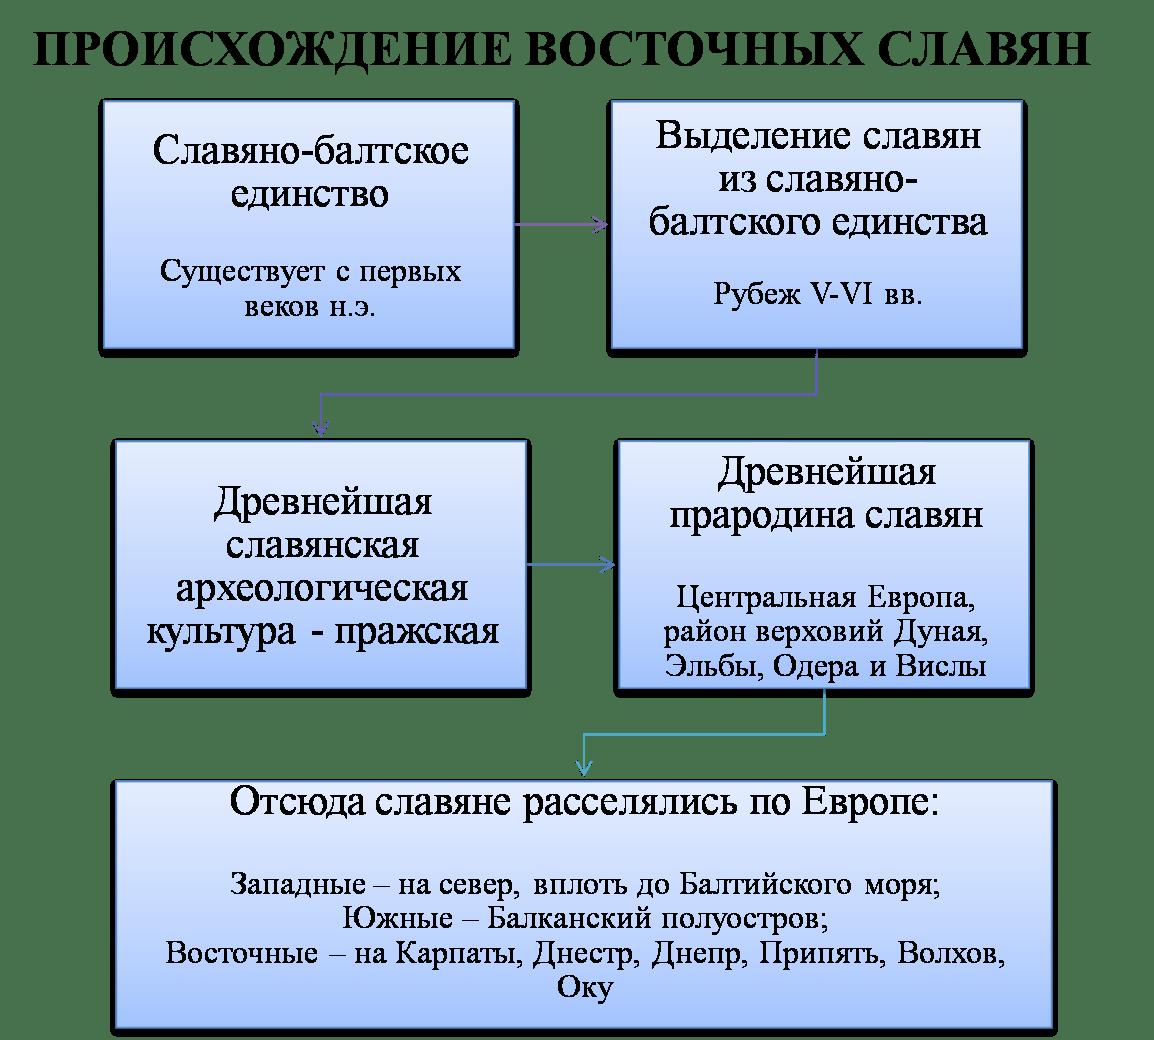 чехия форма правления